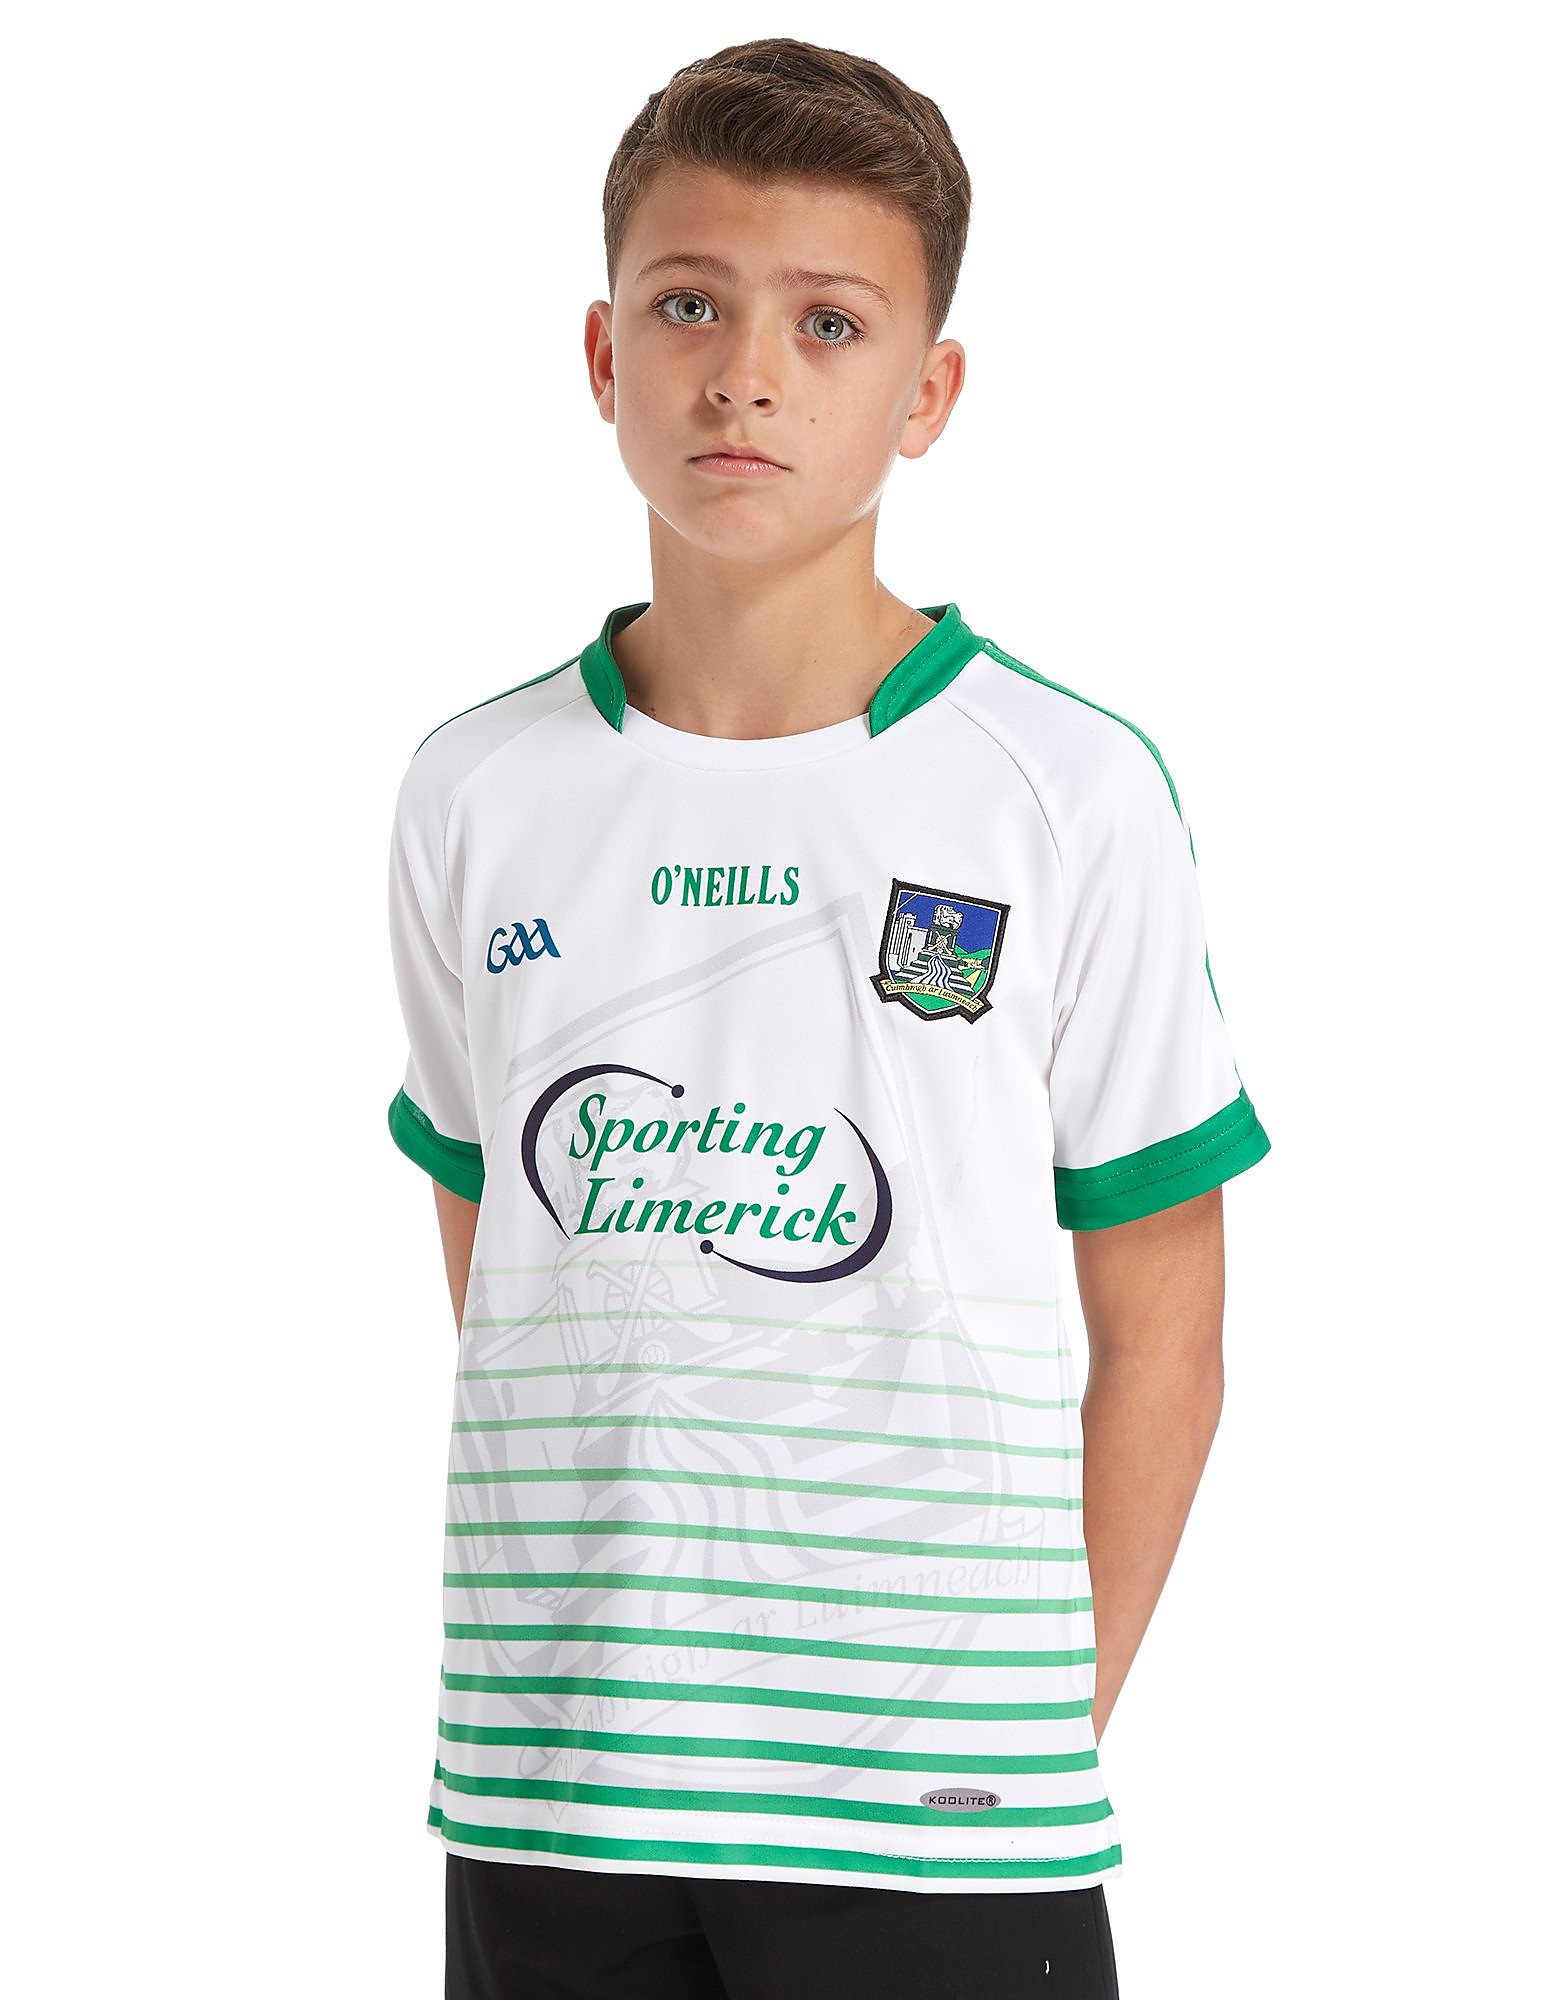 O'Neills Limerick 2017/18 Away Shirt